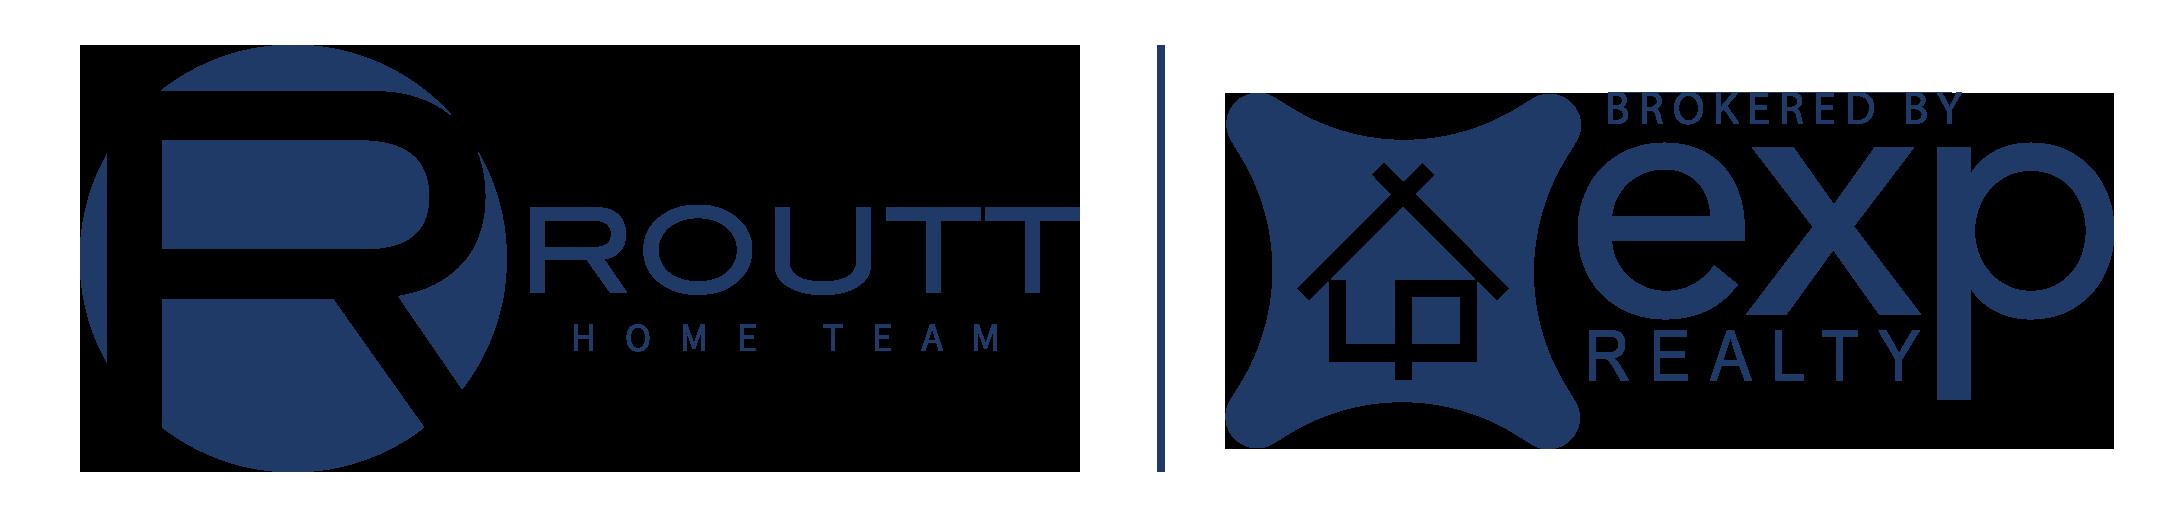 Routt Home Team logo